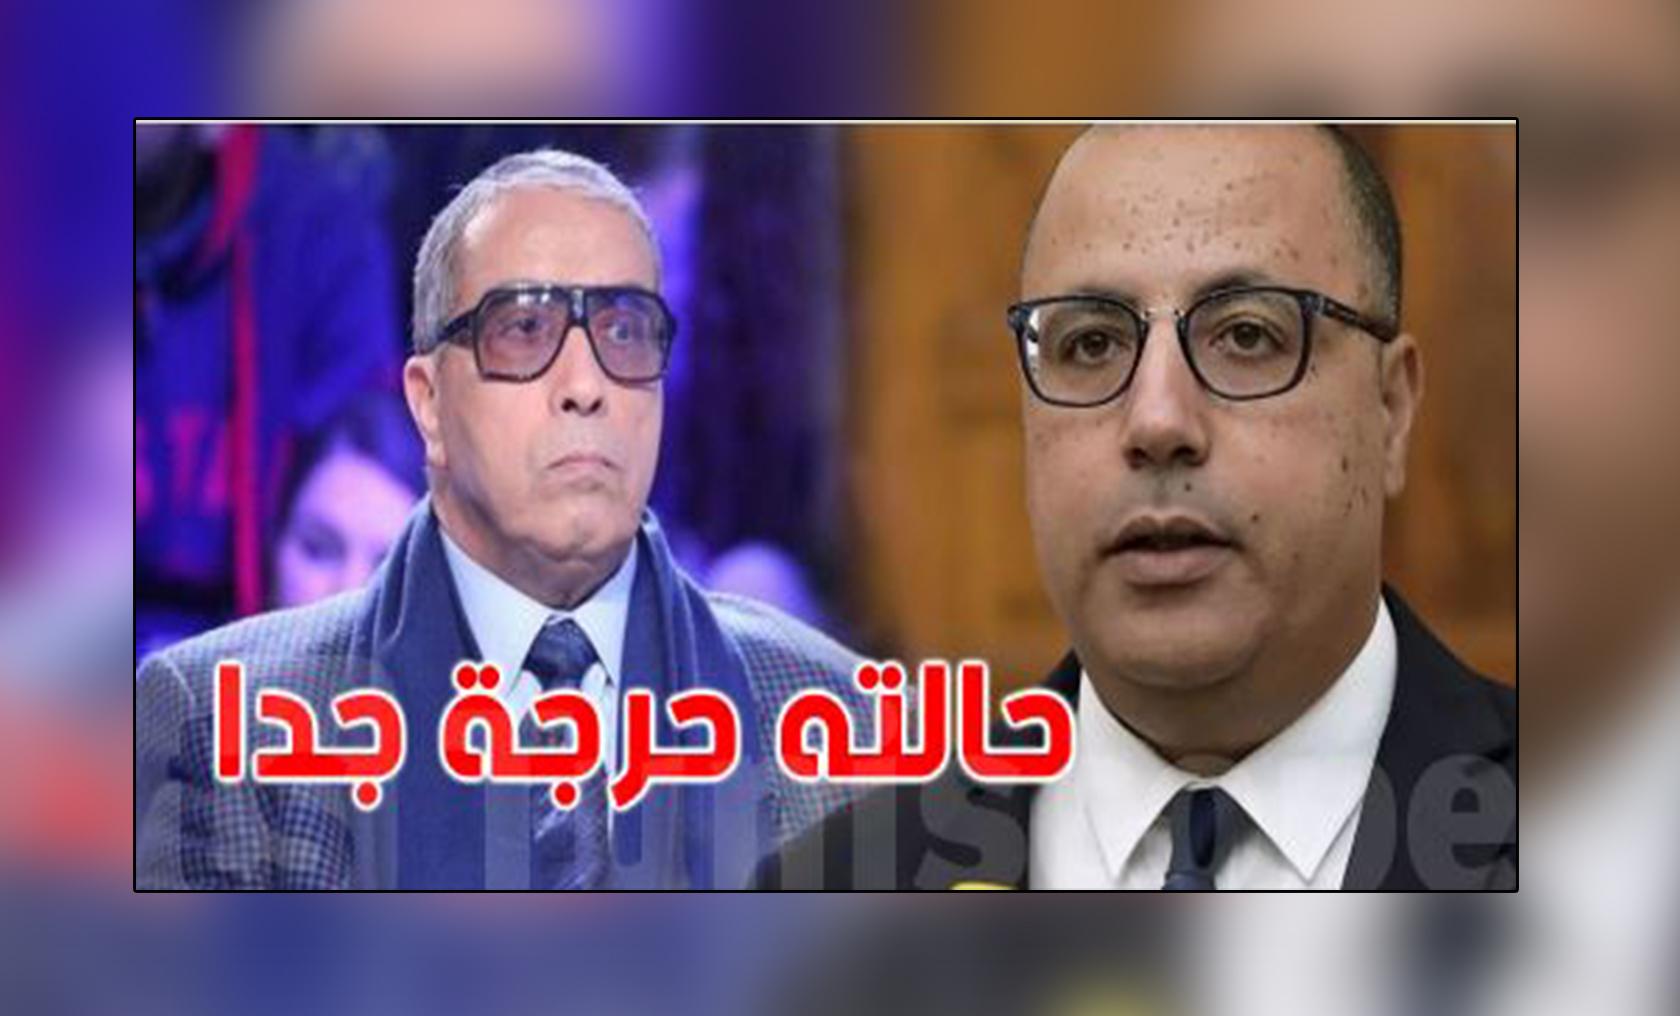 حسن الغضباني هشام المشيشي